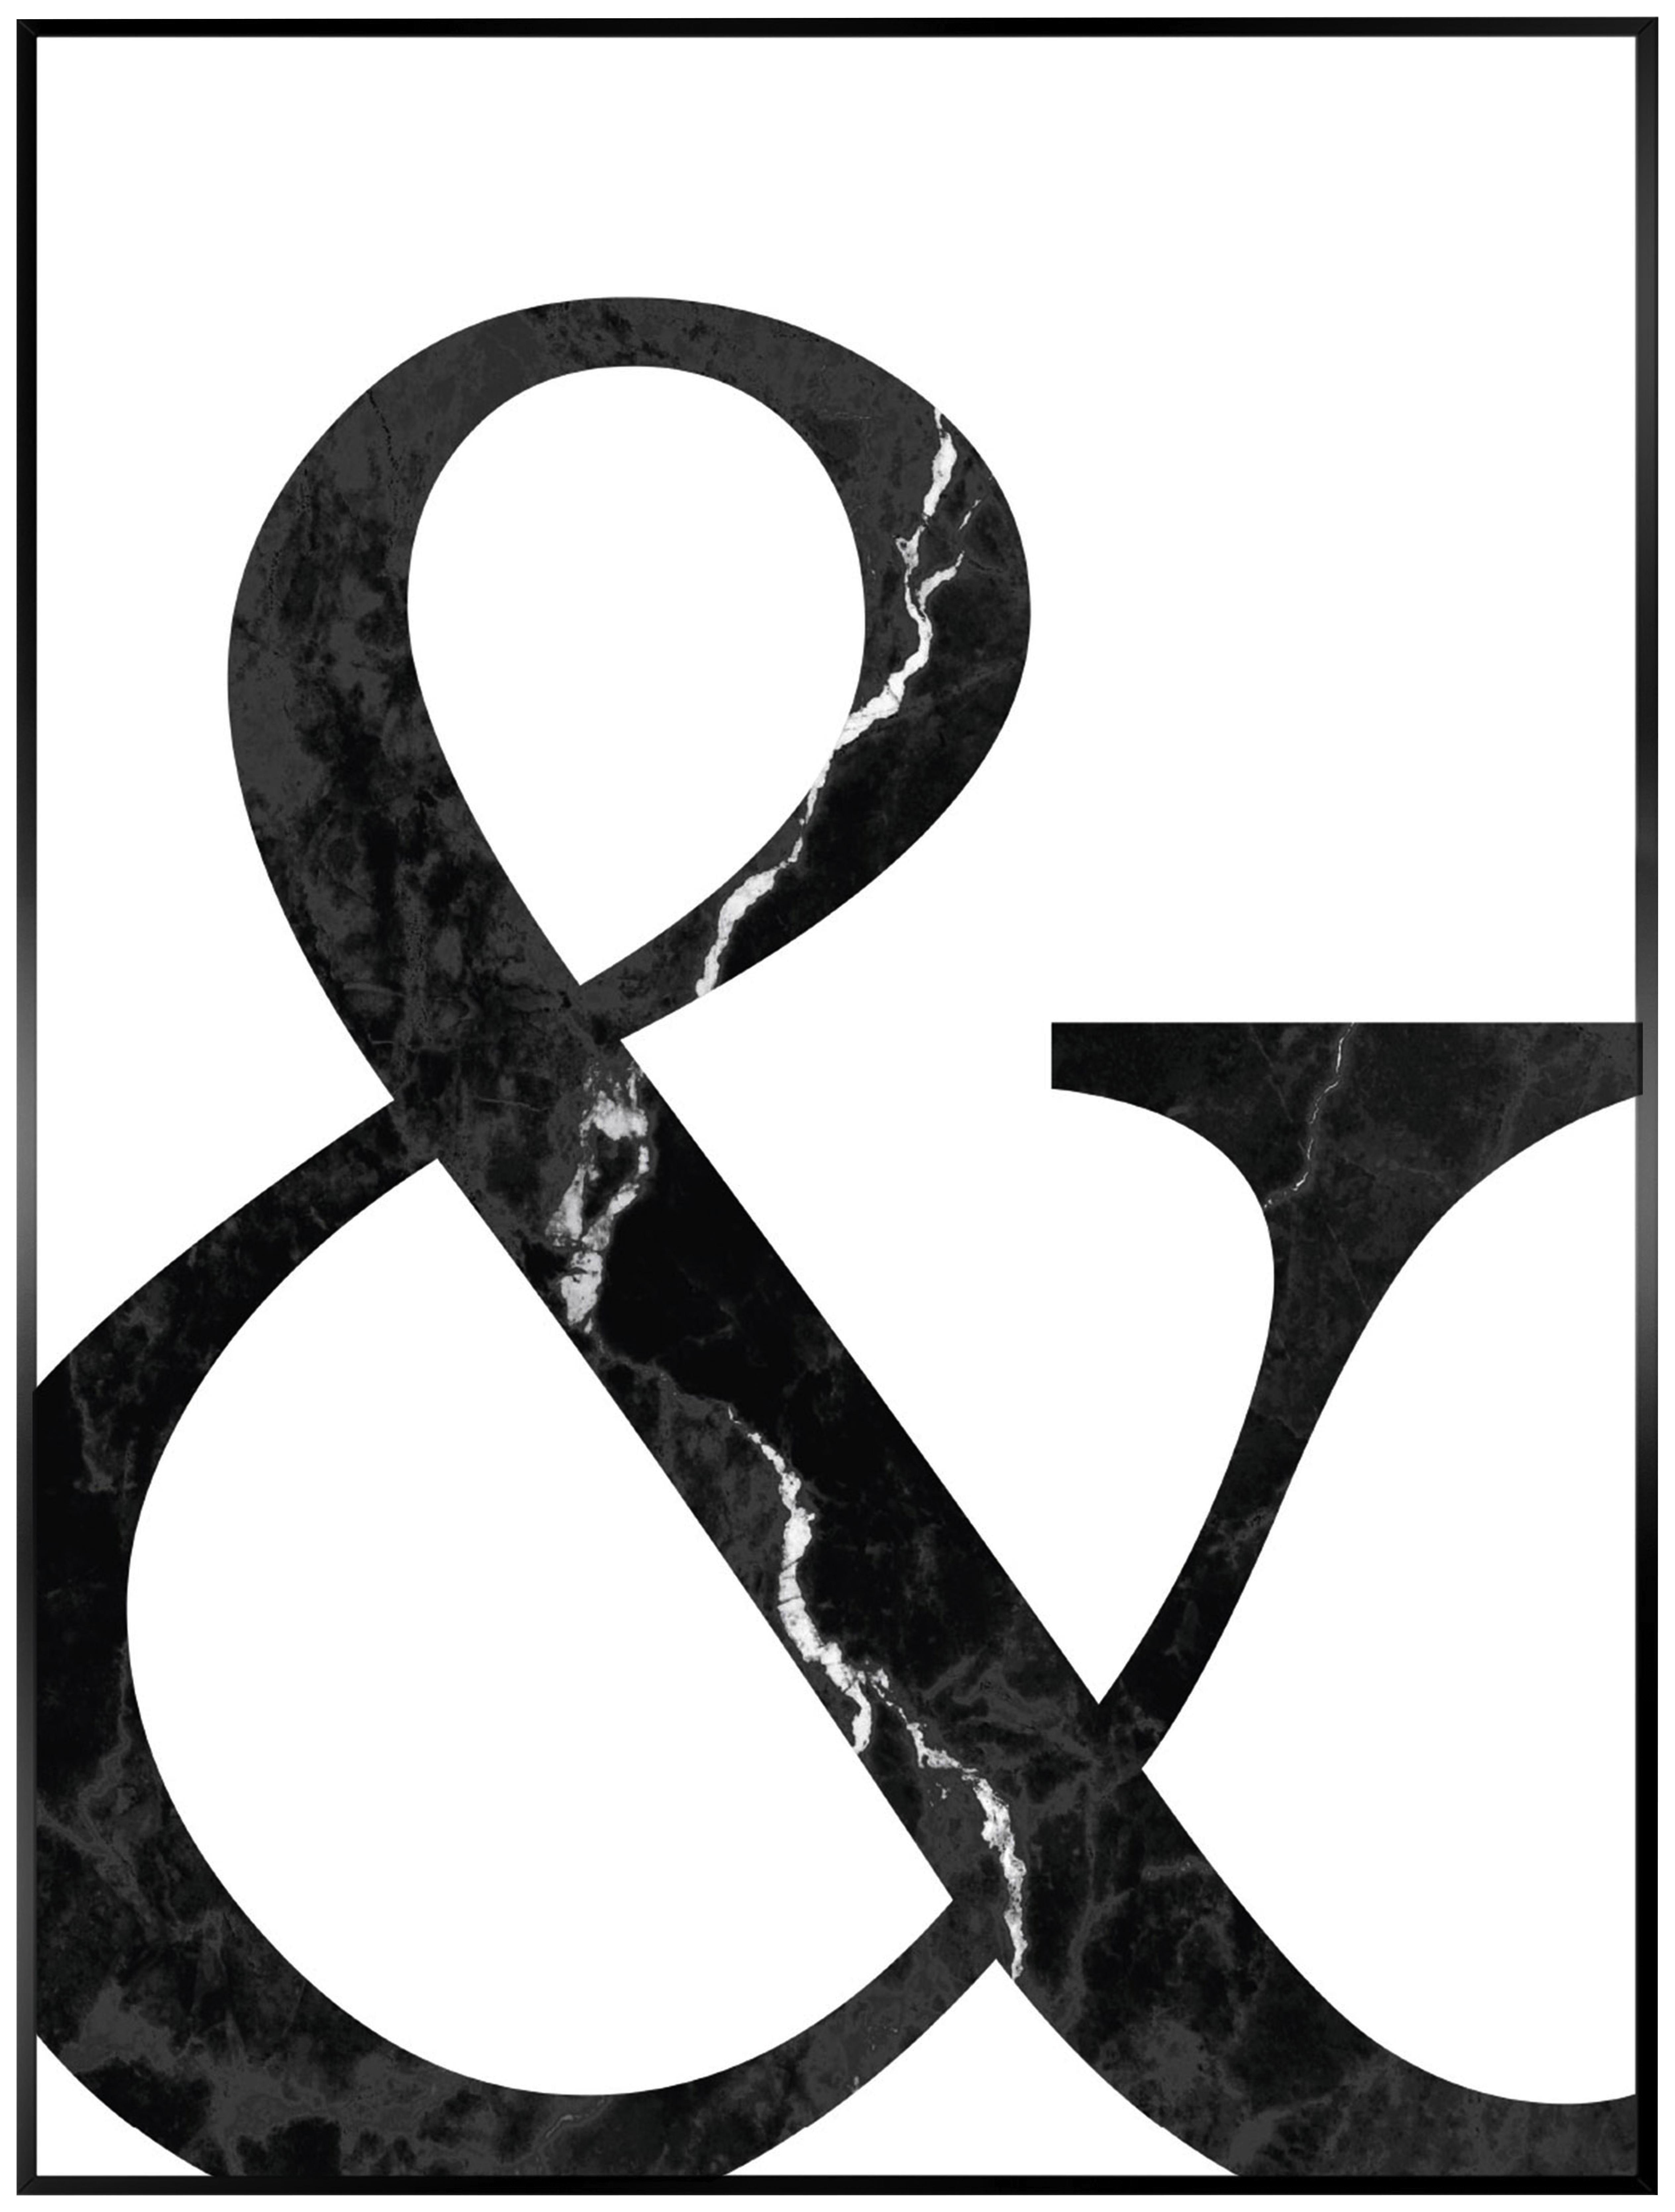 Wandbild In Schwarz Weiß Von Symbol Wandbilder Schwarz Weiß Poster Schwarz Weiß Tumblr Bilder Schwarz Weiß